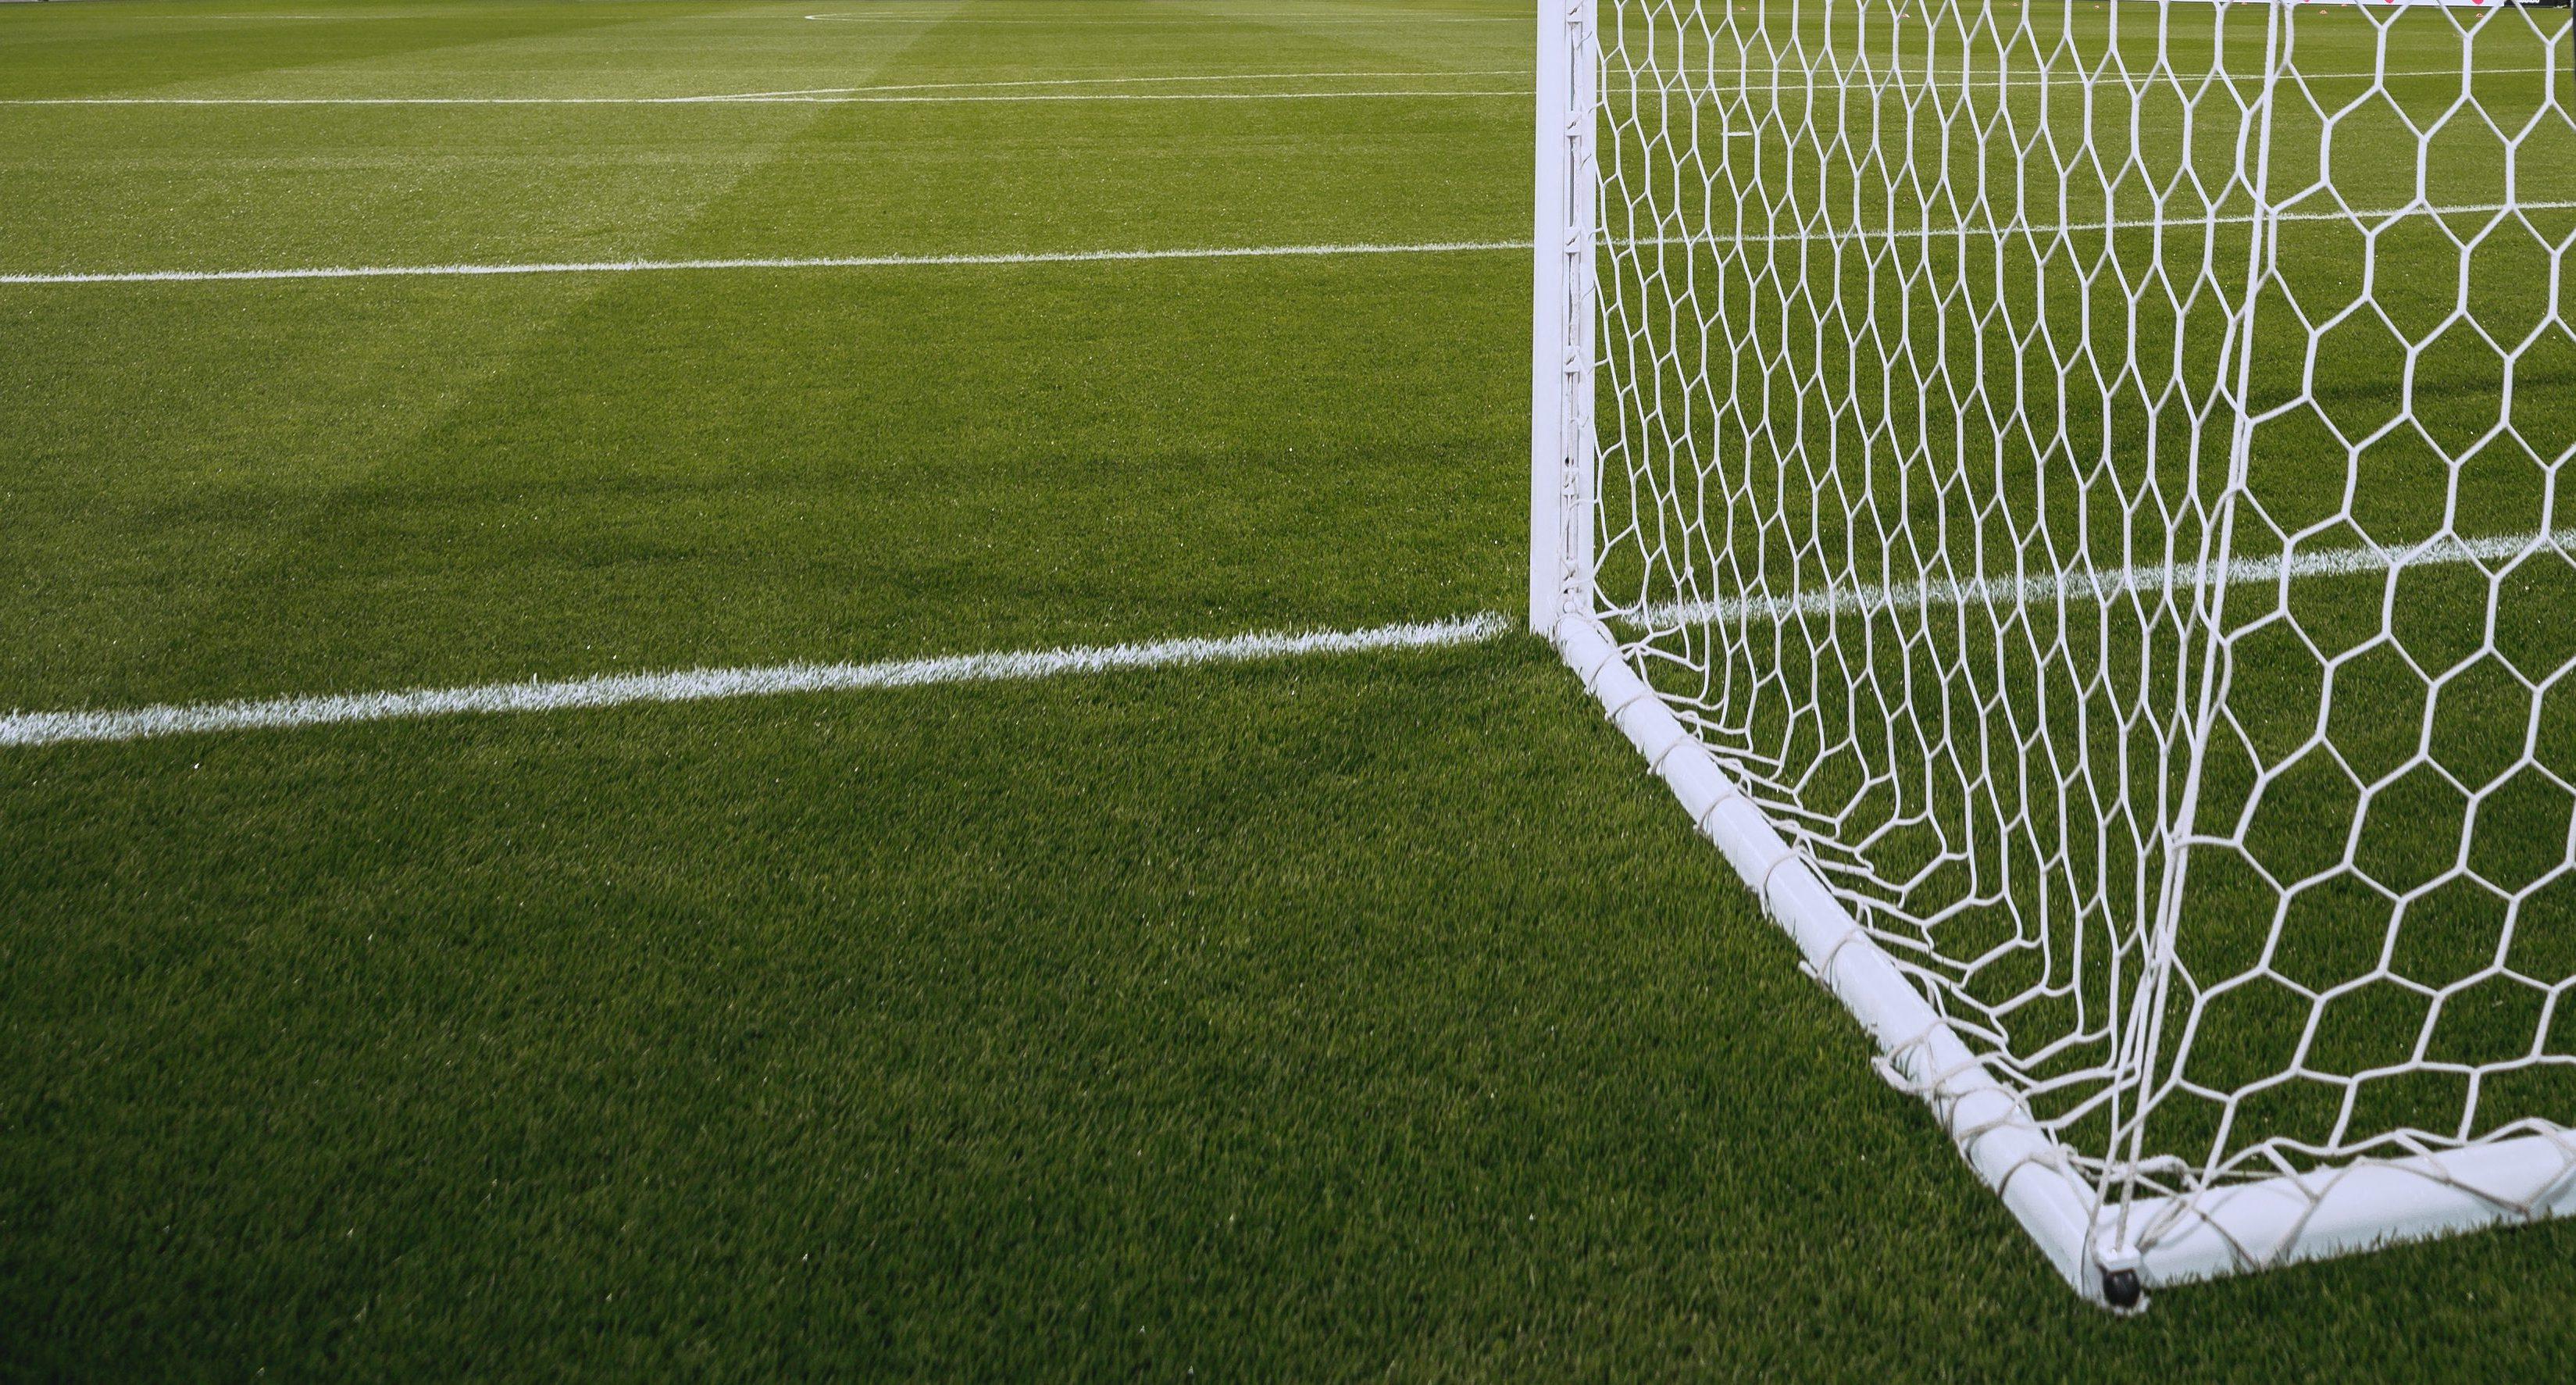 Fußball - titelbild